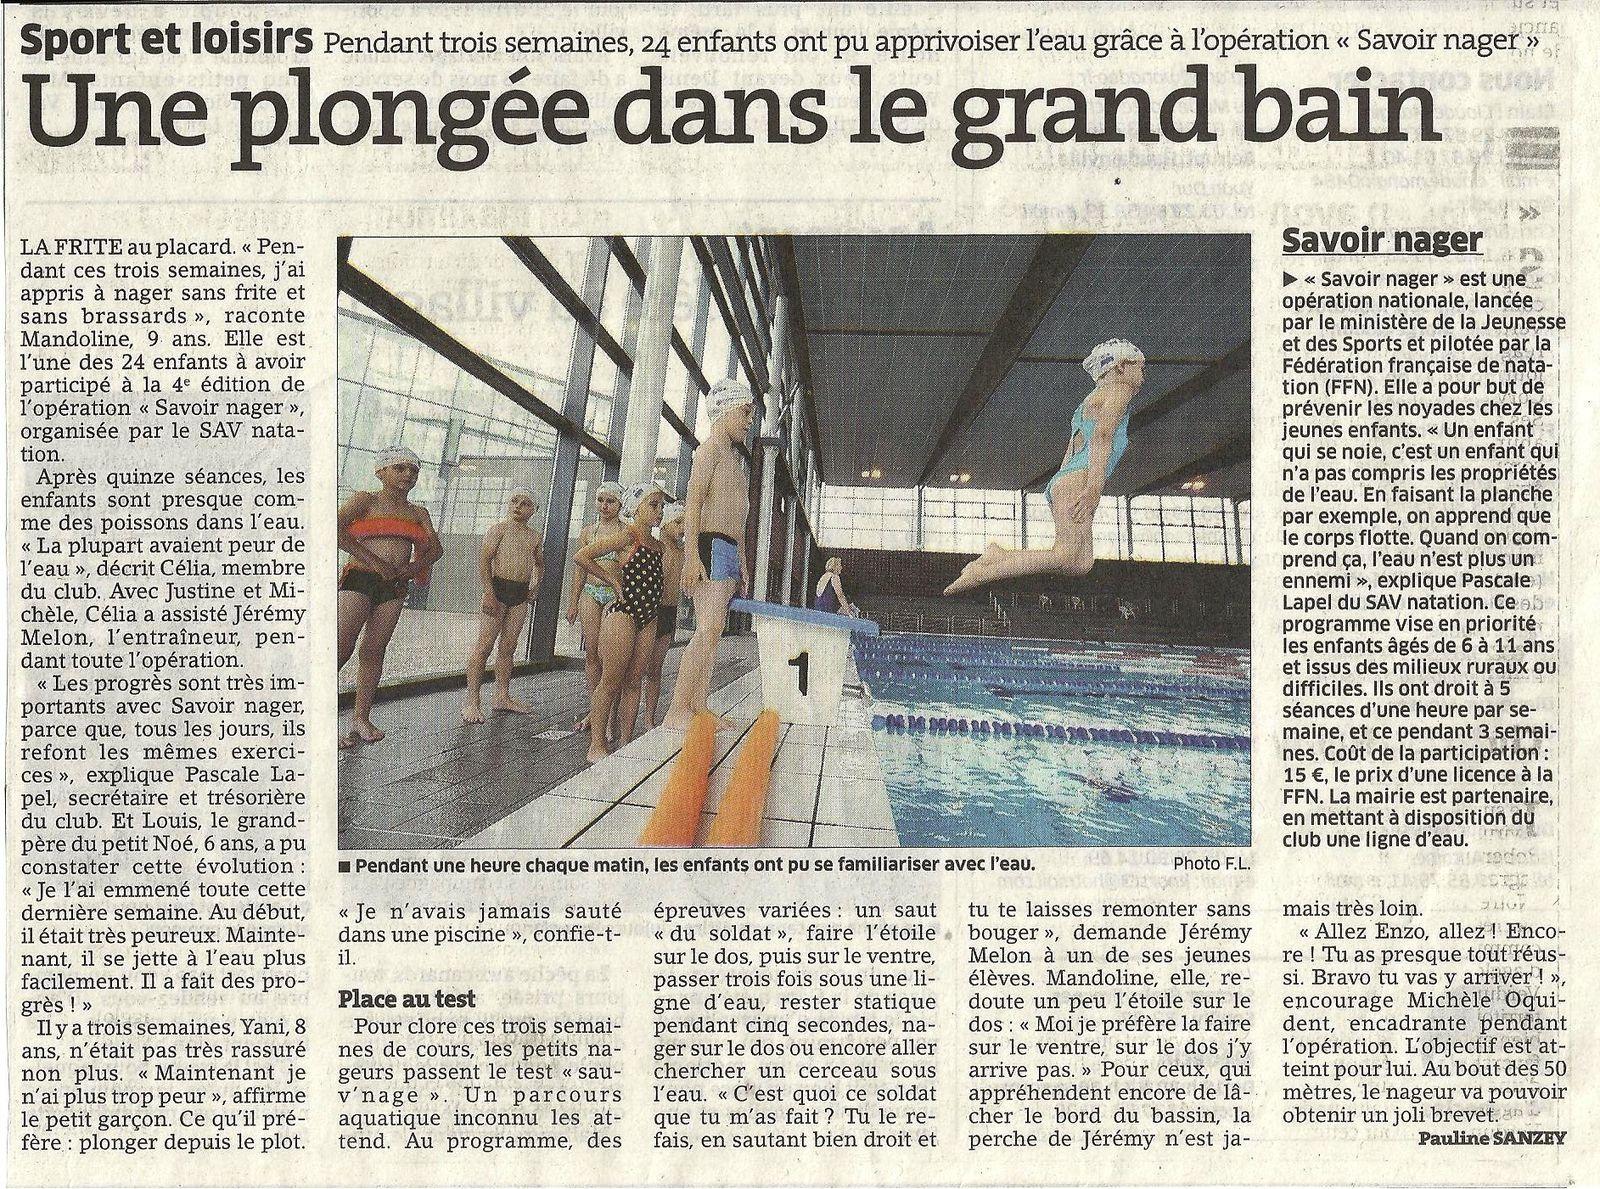 BEL ARTICLE DE L'EST RÉPUBLICAIN DU 30/07